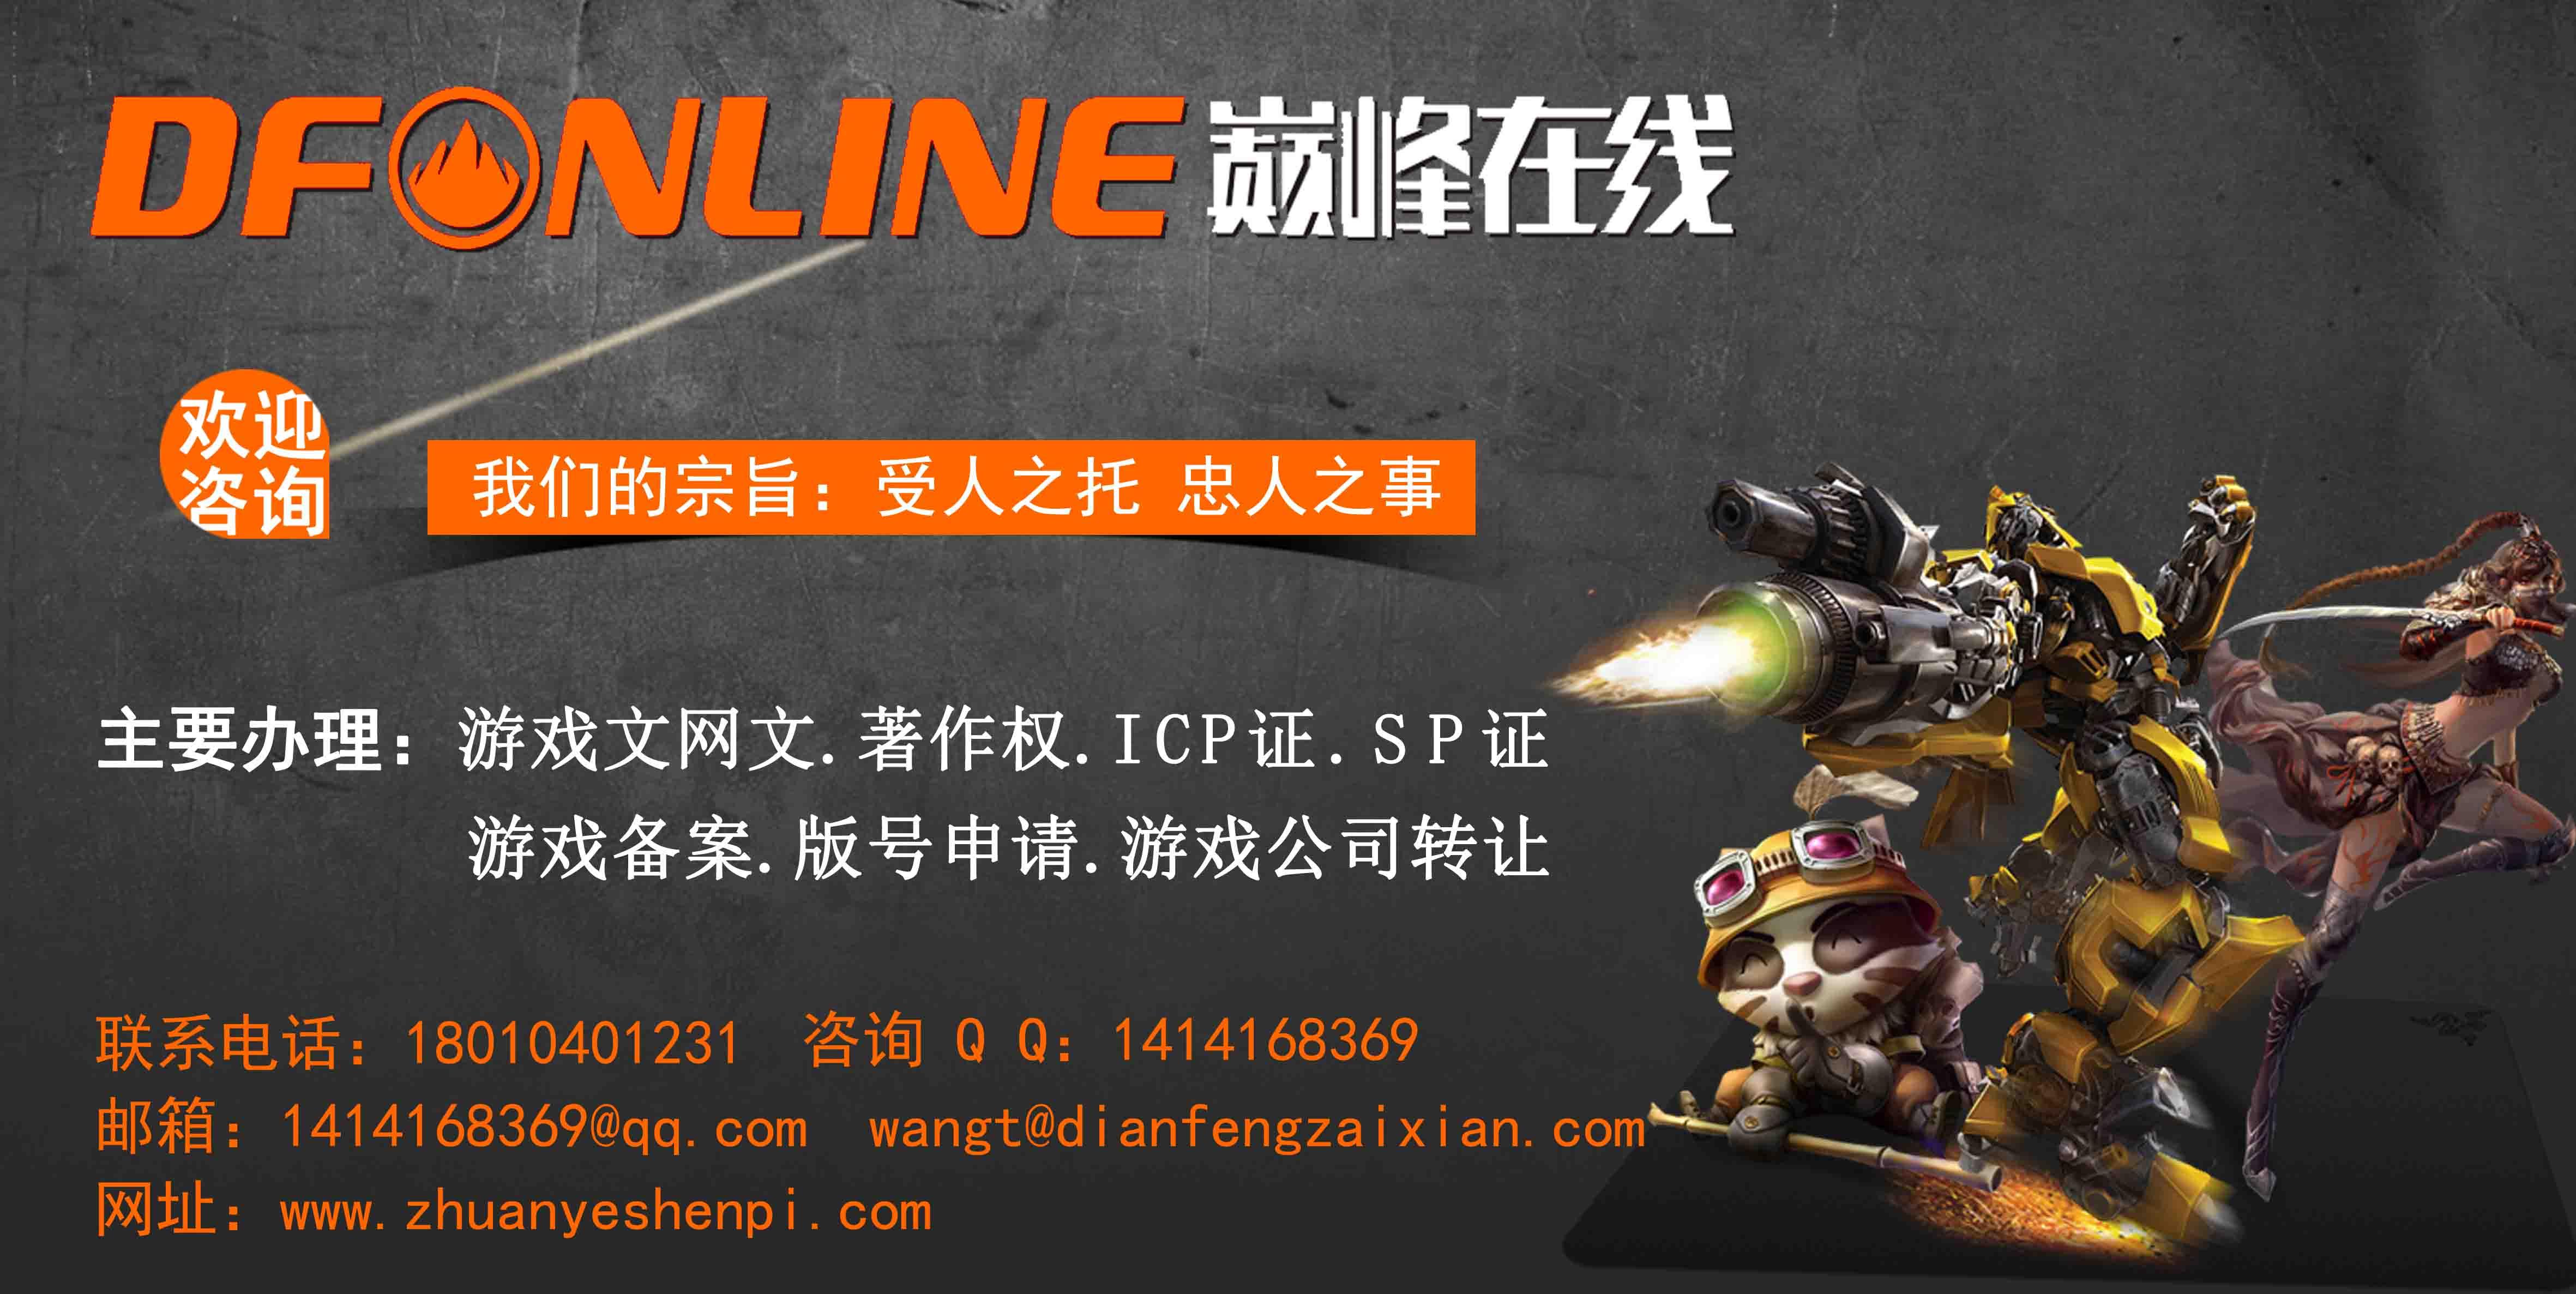 北京ICP申请的流程,ICP办理多长时间,需要什么材料